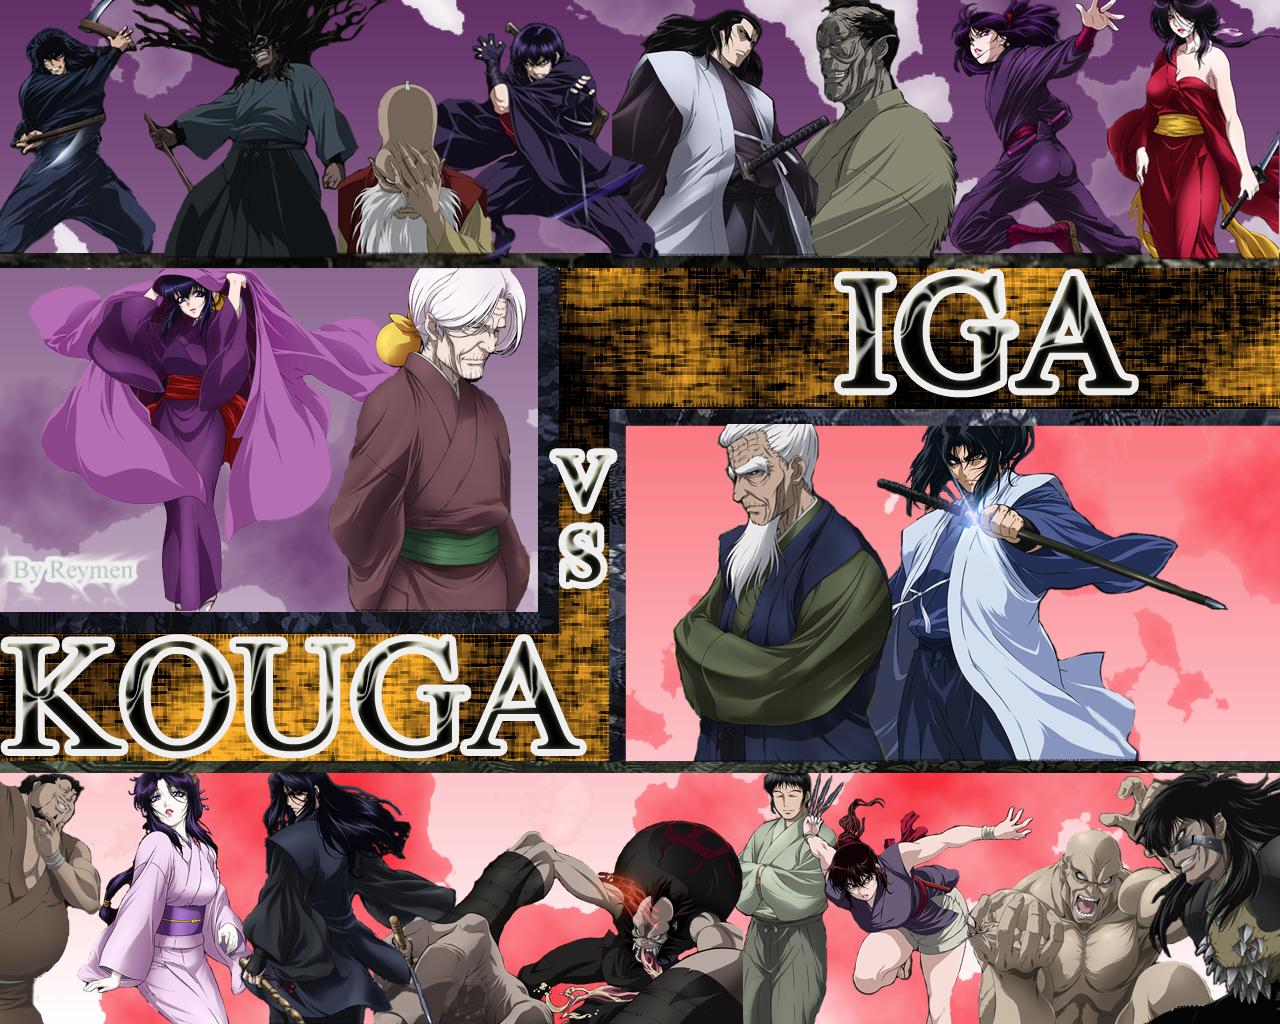 Basilisk Anime: Kouga vs Iga